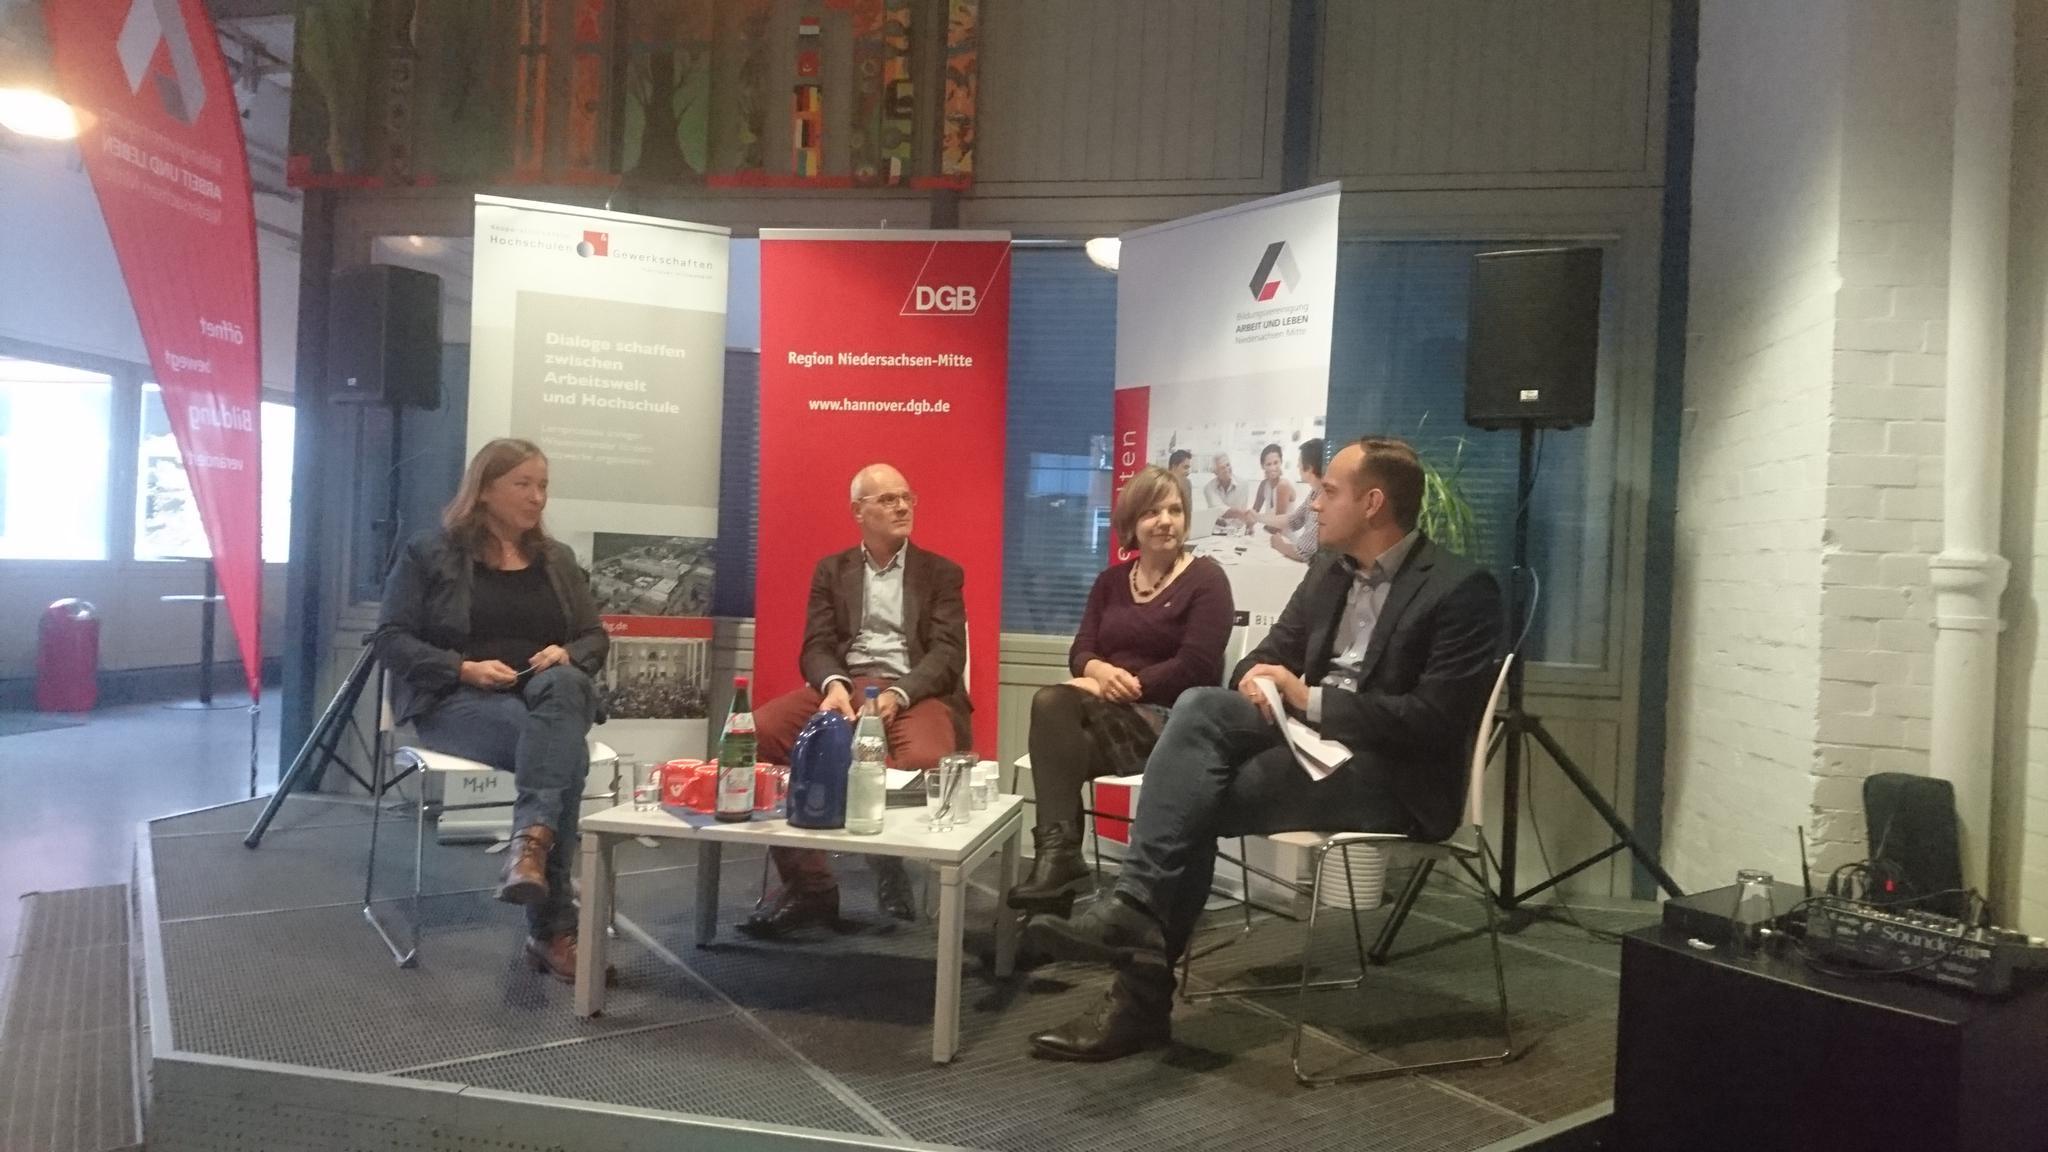 Podiumsdiskussion mit Dr. Petra Köster, DR. Thomas Hardwig, die von Dr. Imke Hennemann-Kreikenbohm moderiert wurde